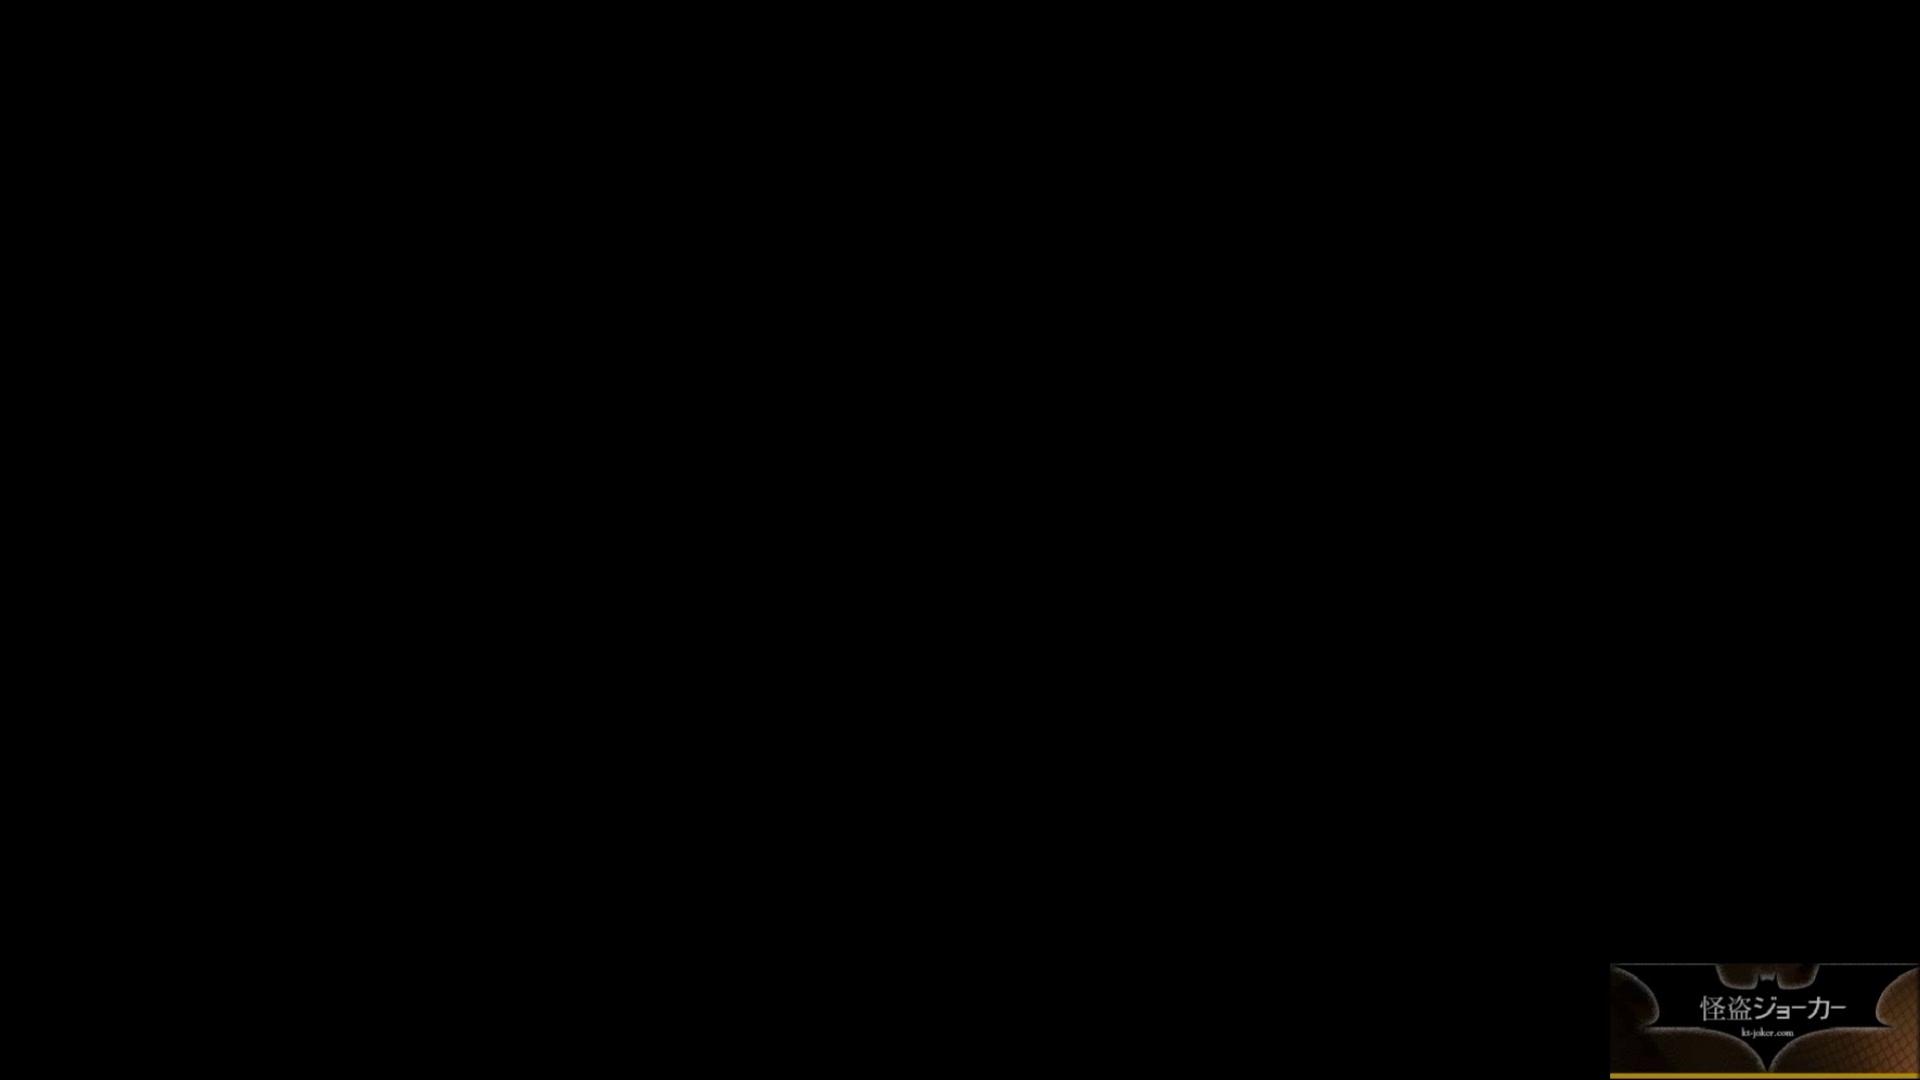 【未公開】vol.26 葵に群がる男たち。。。 友人・知人 オメコ動画キャプチャ 86画像 26